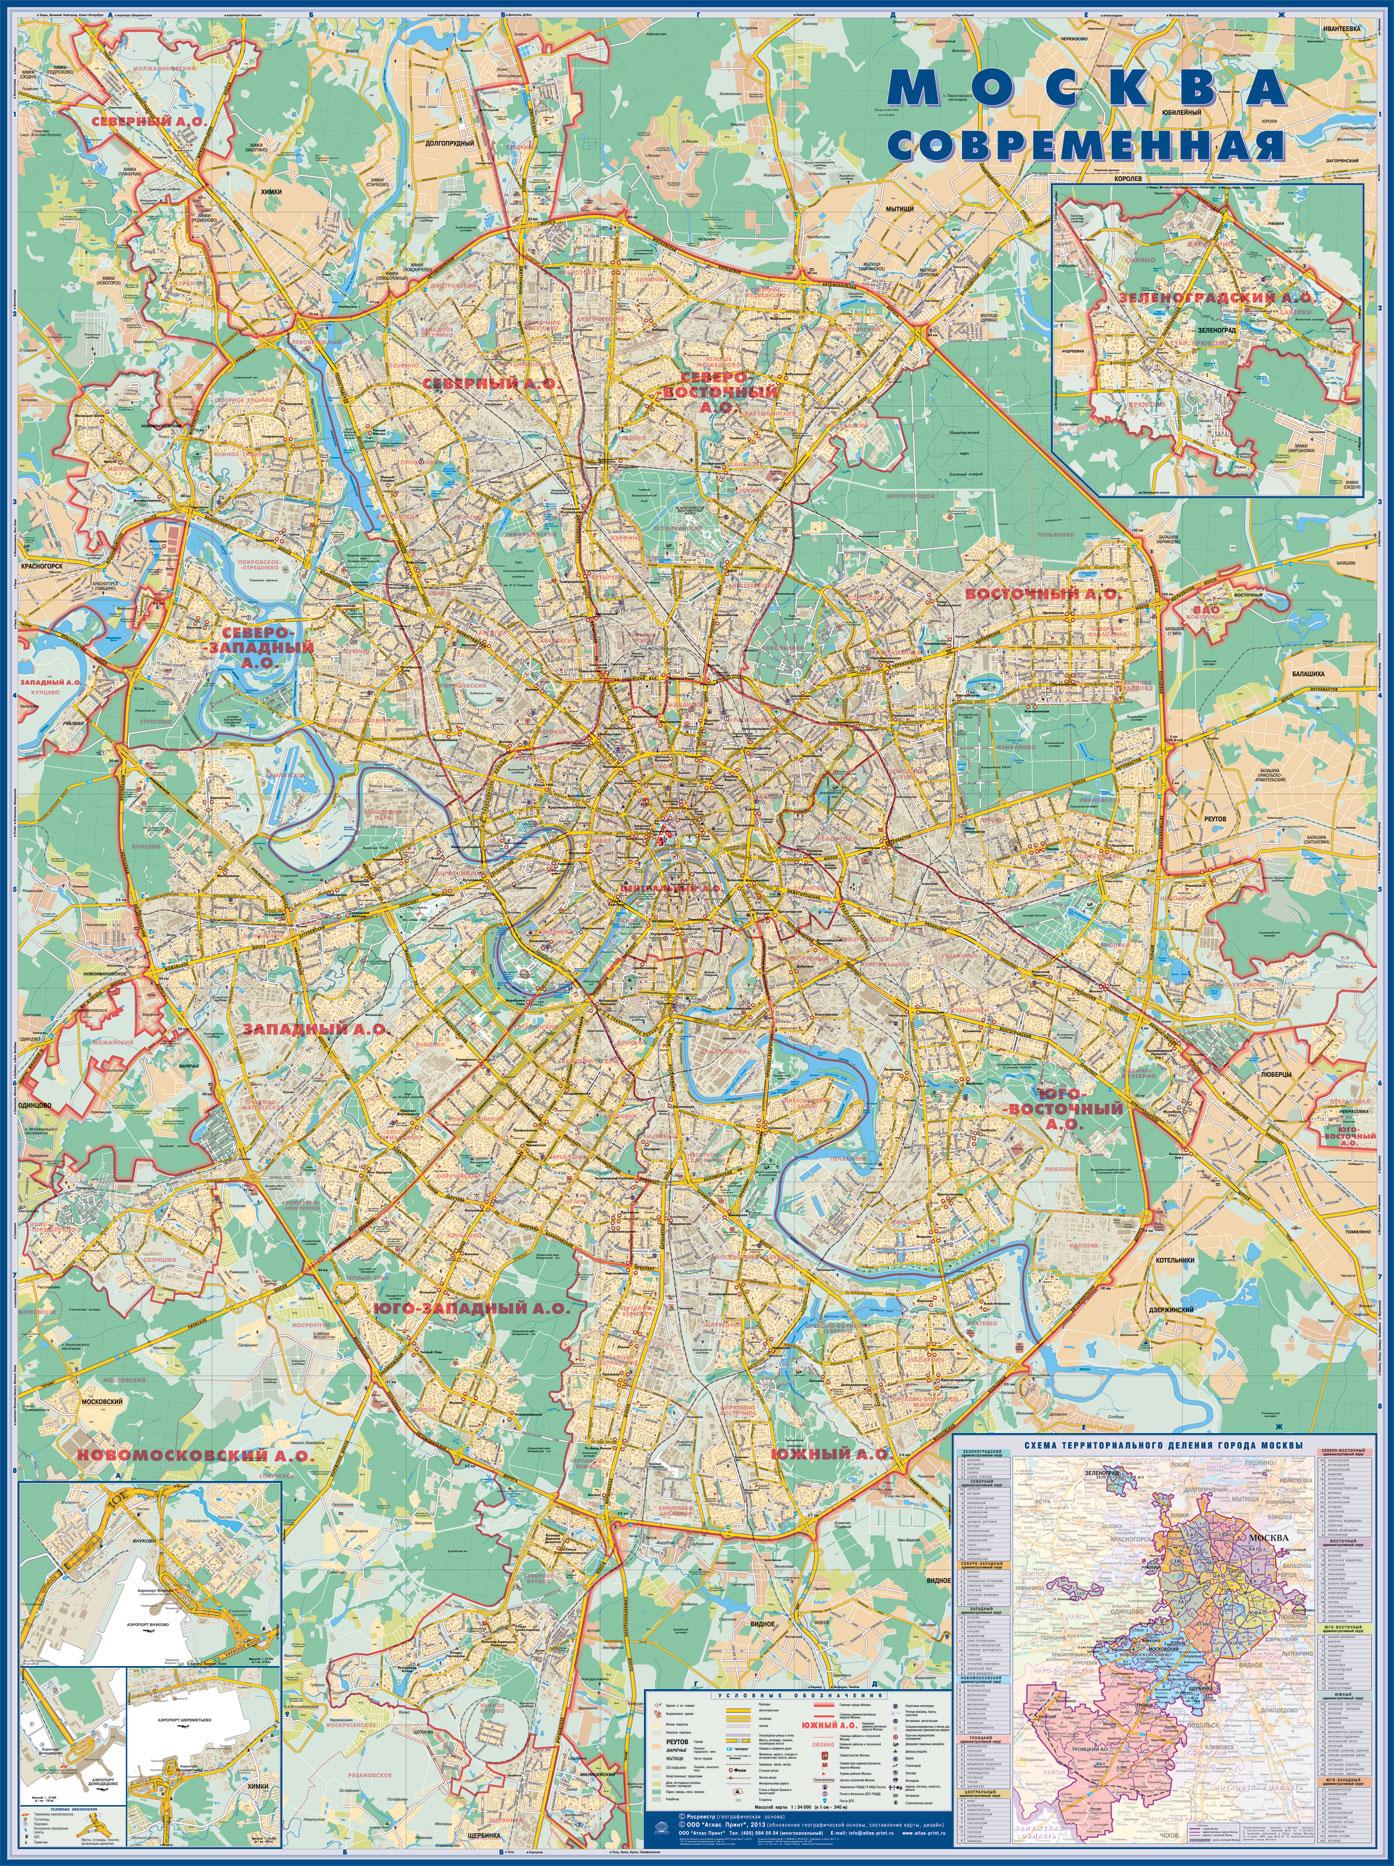 Карта современной Москвы купить щебень на севере москвы